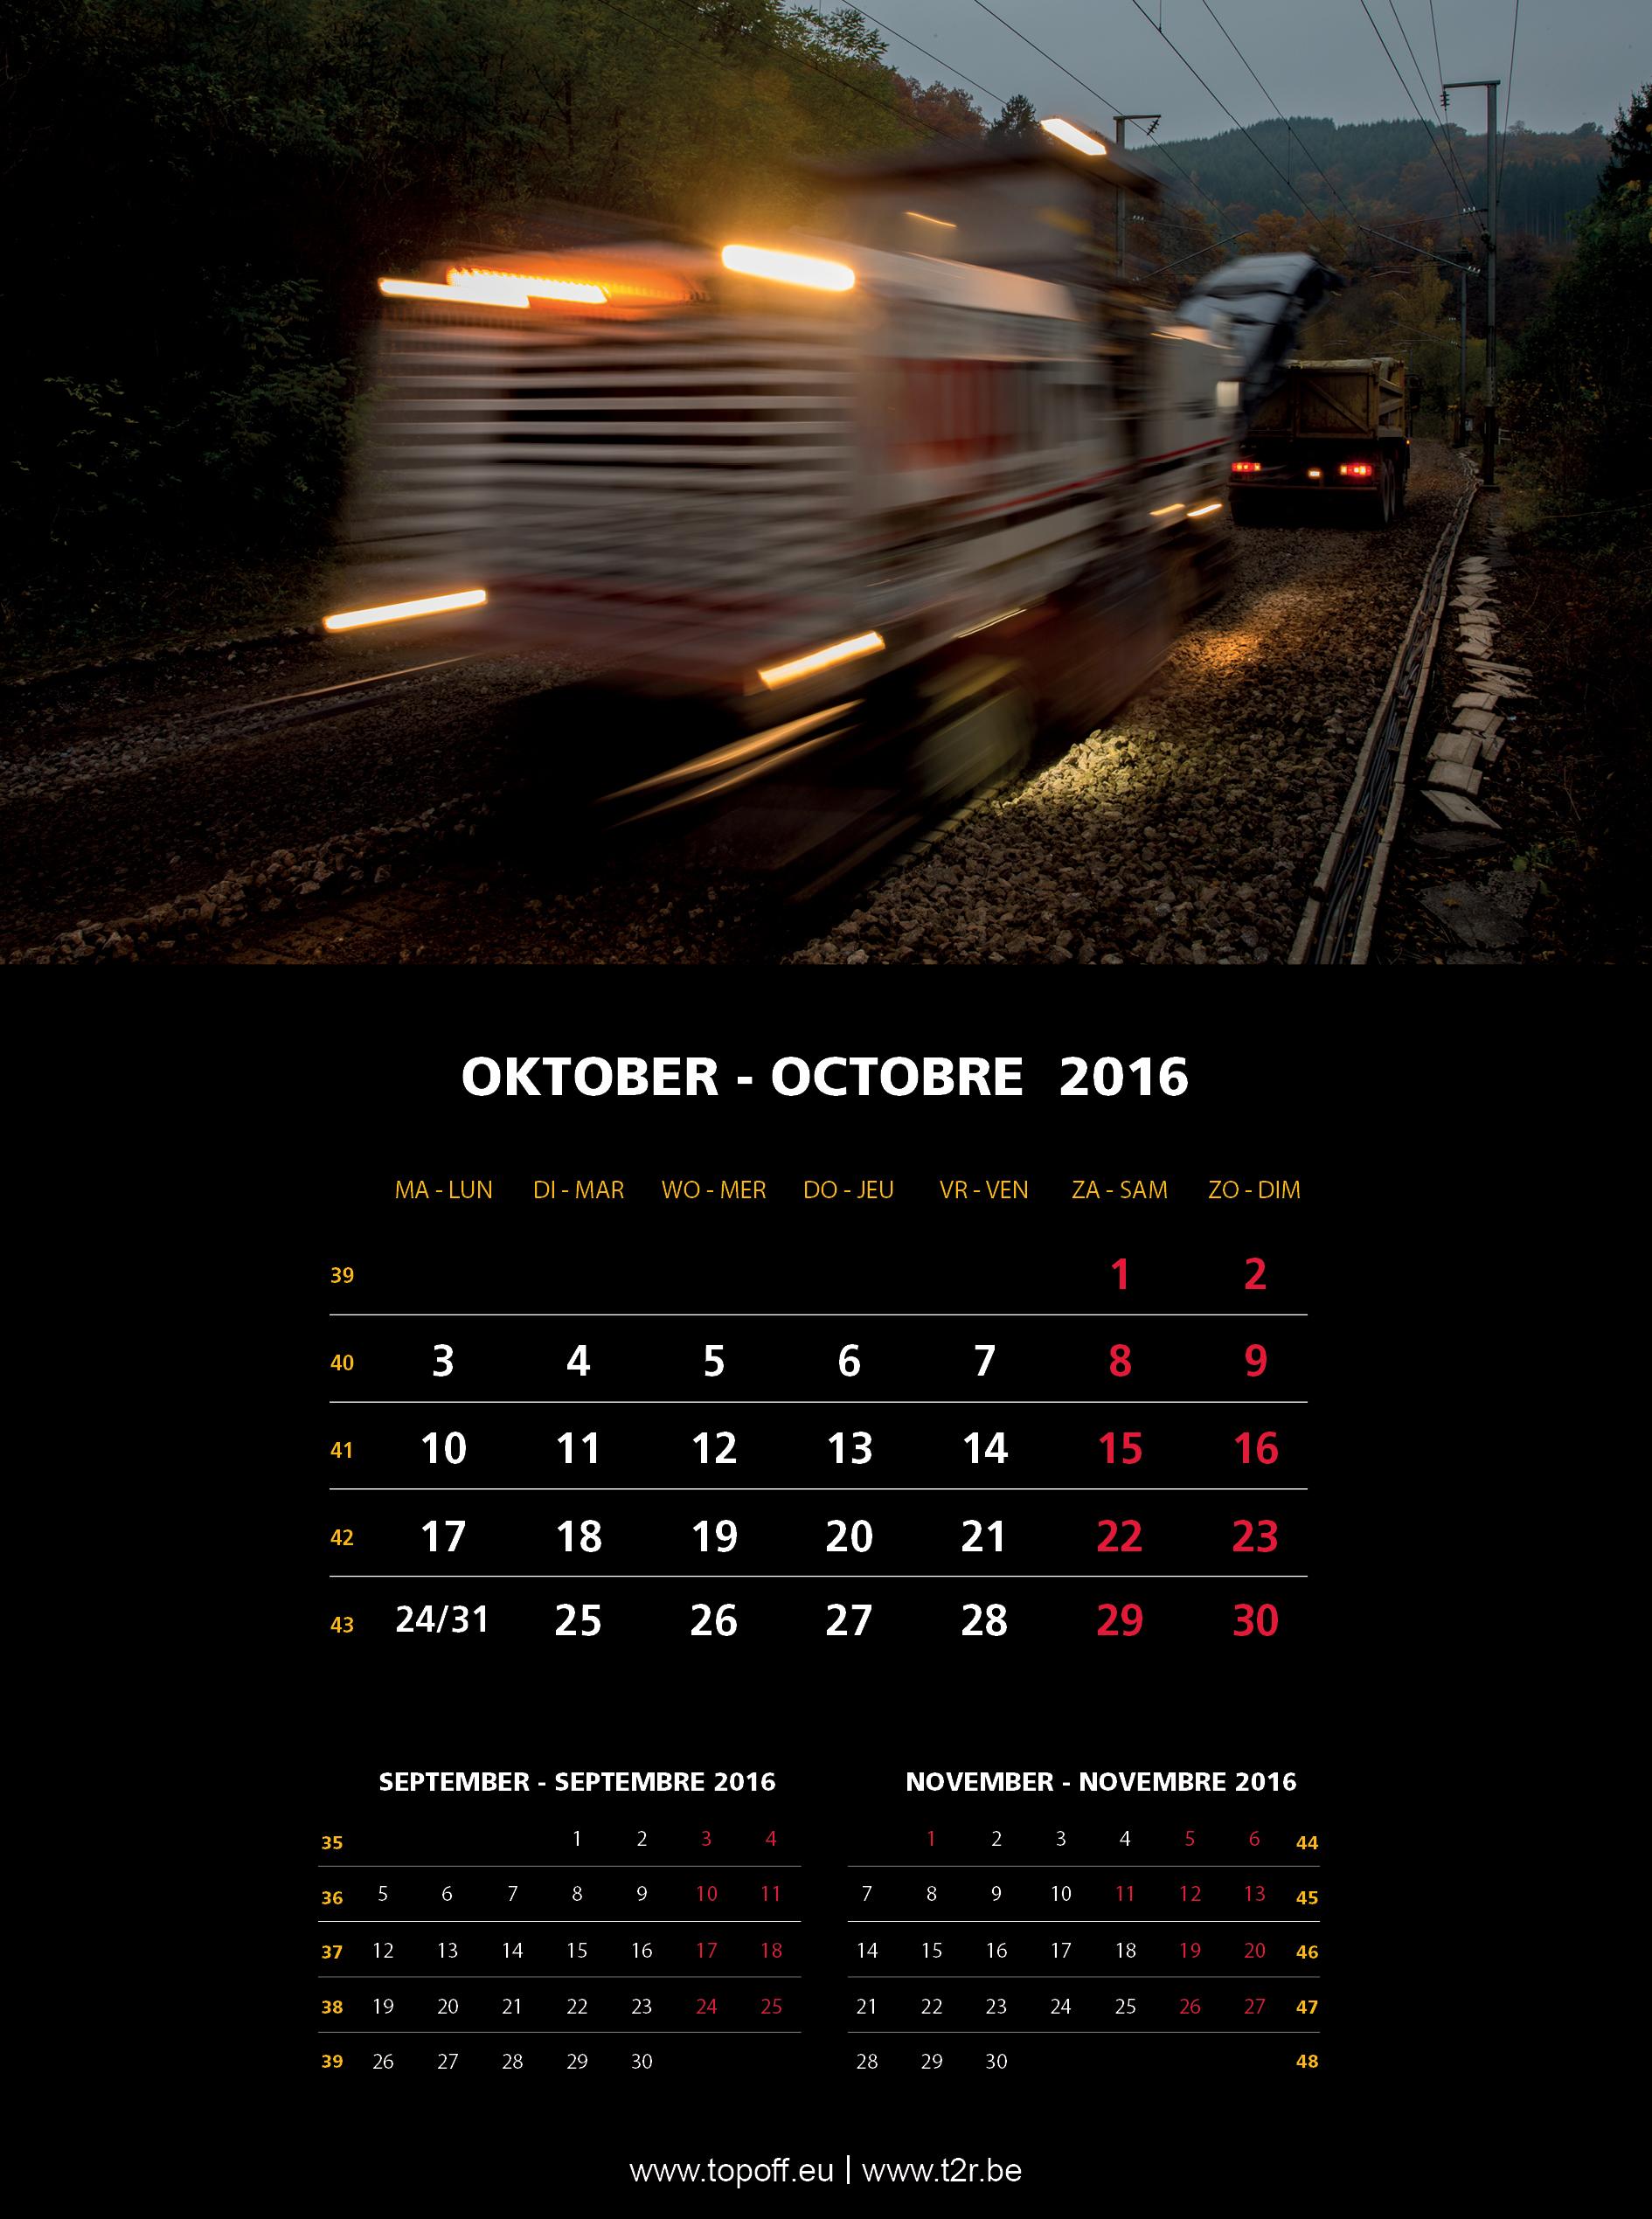 TOPOFF-TDEUXR_Kalender 2016 (bis)